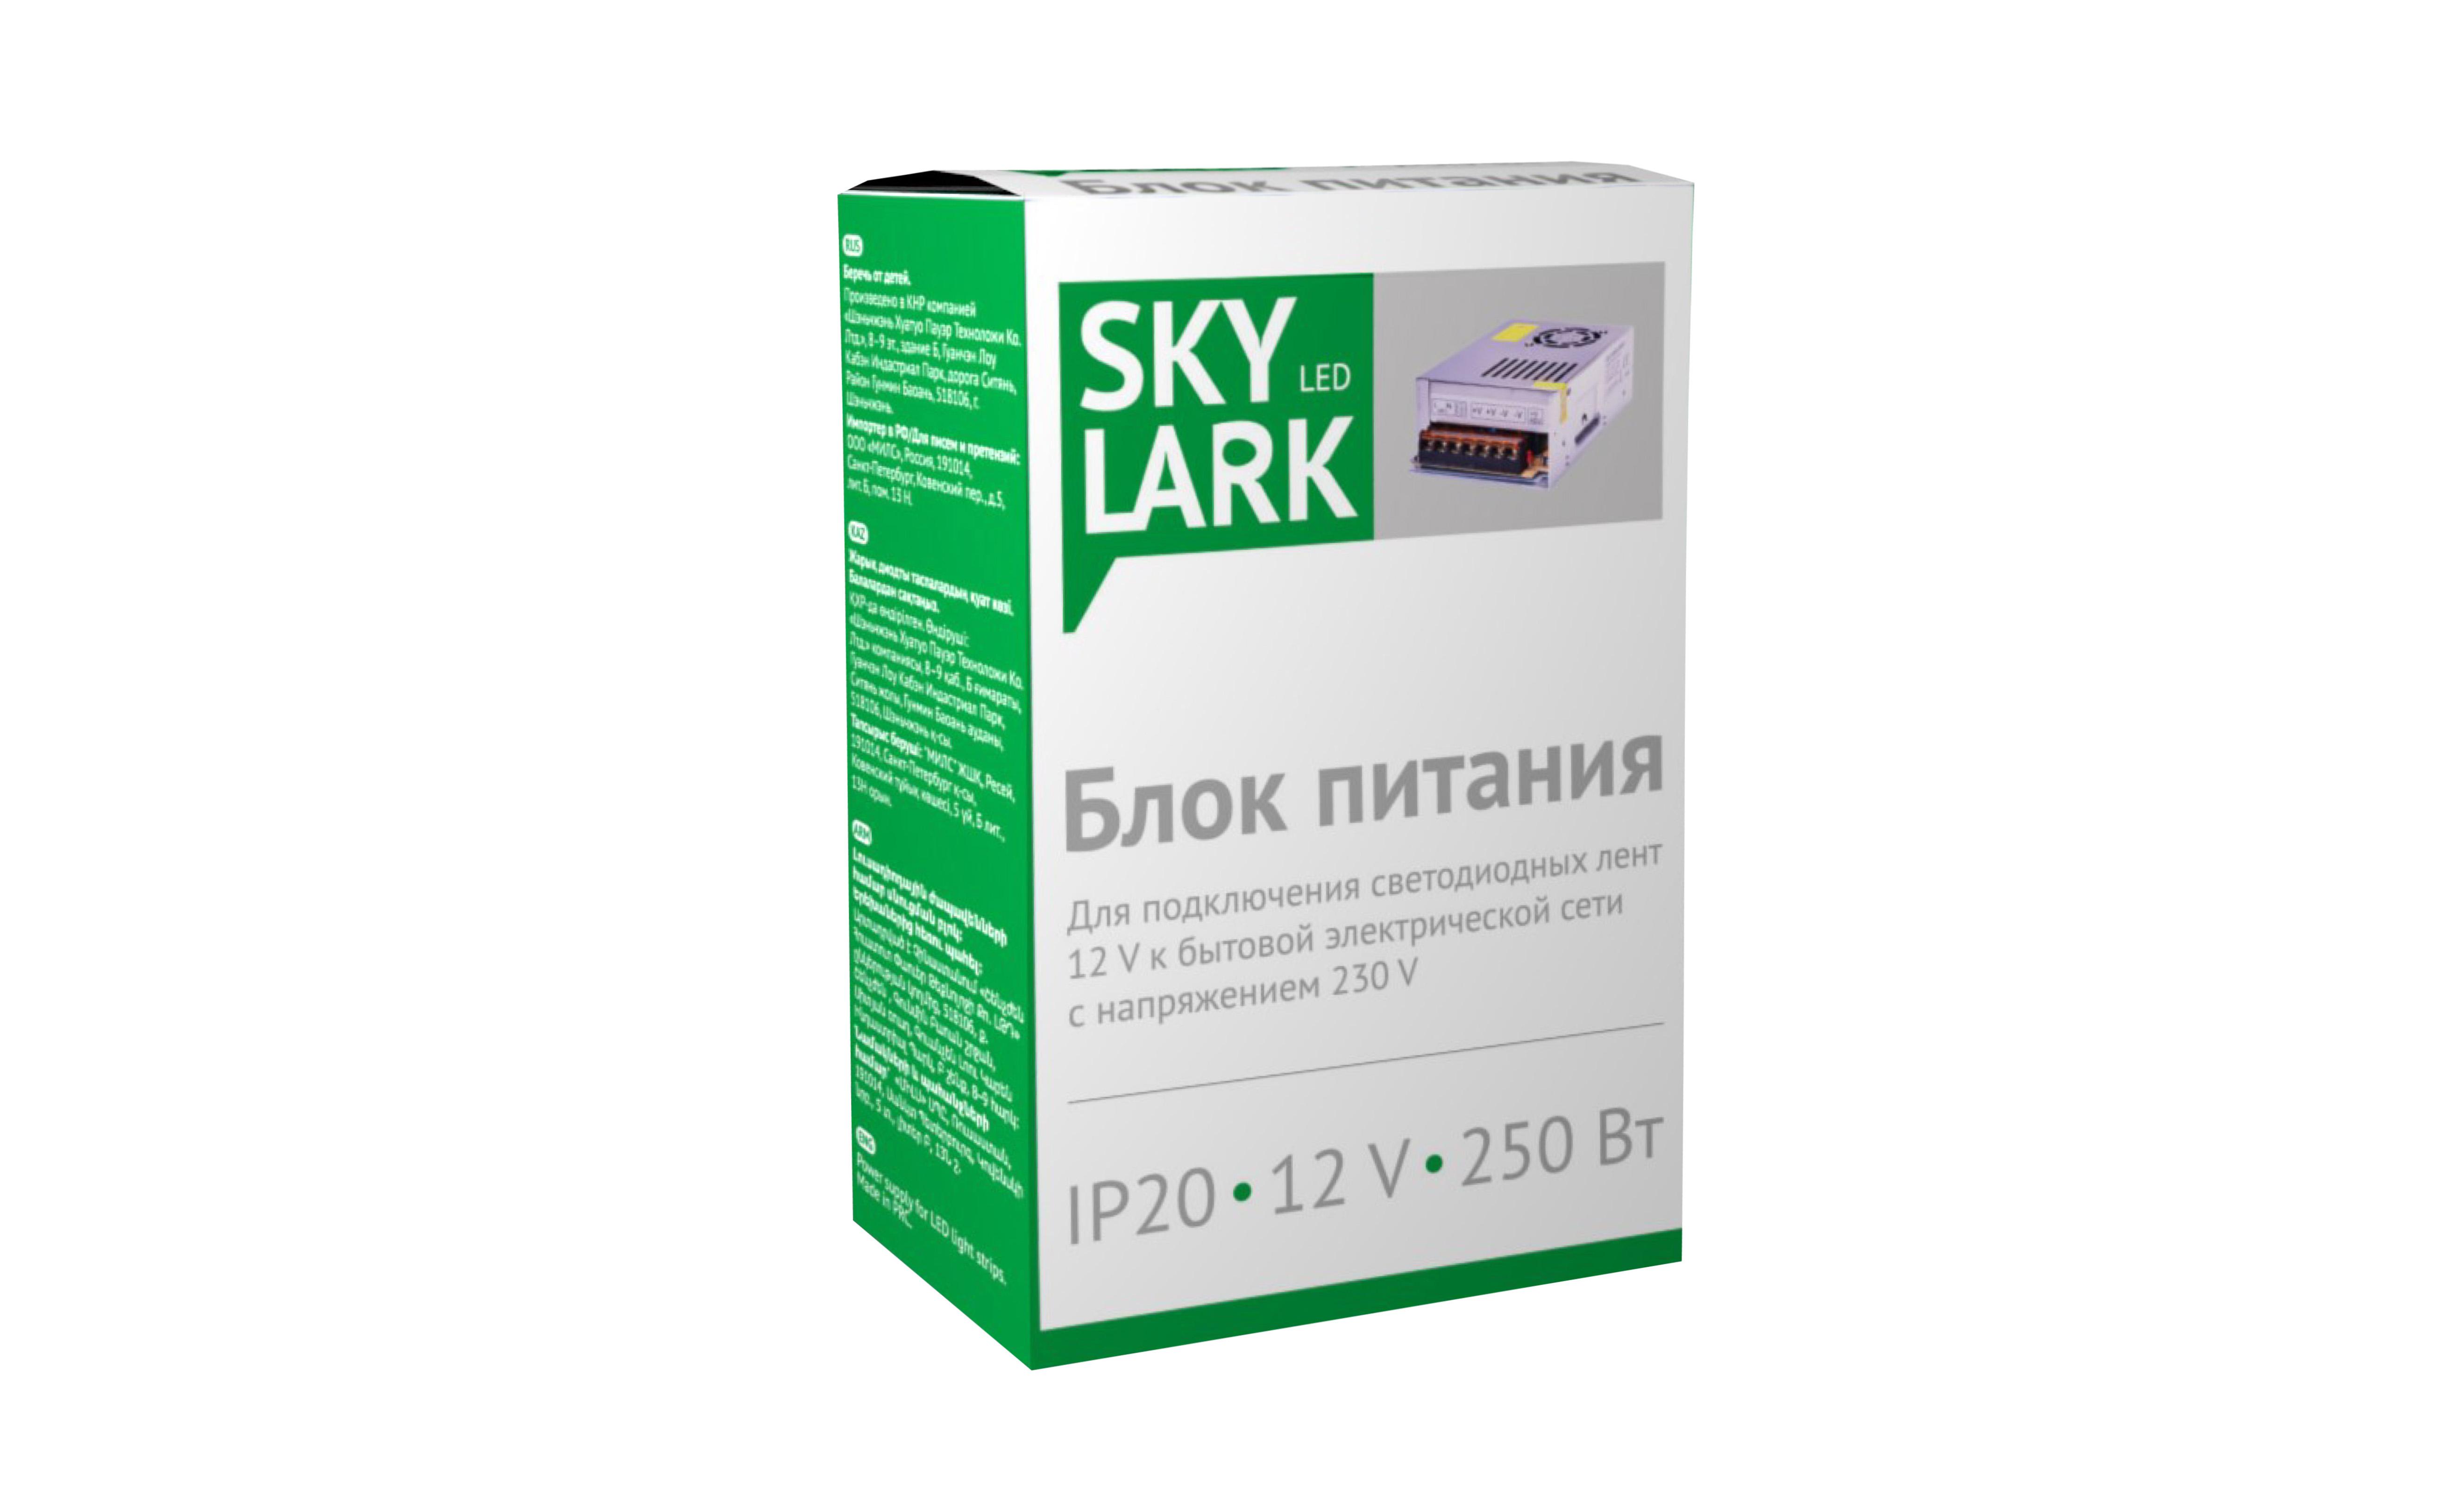 Блок питания Skylark S029 блок питания для видеонаблюдения